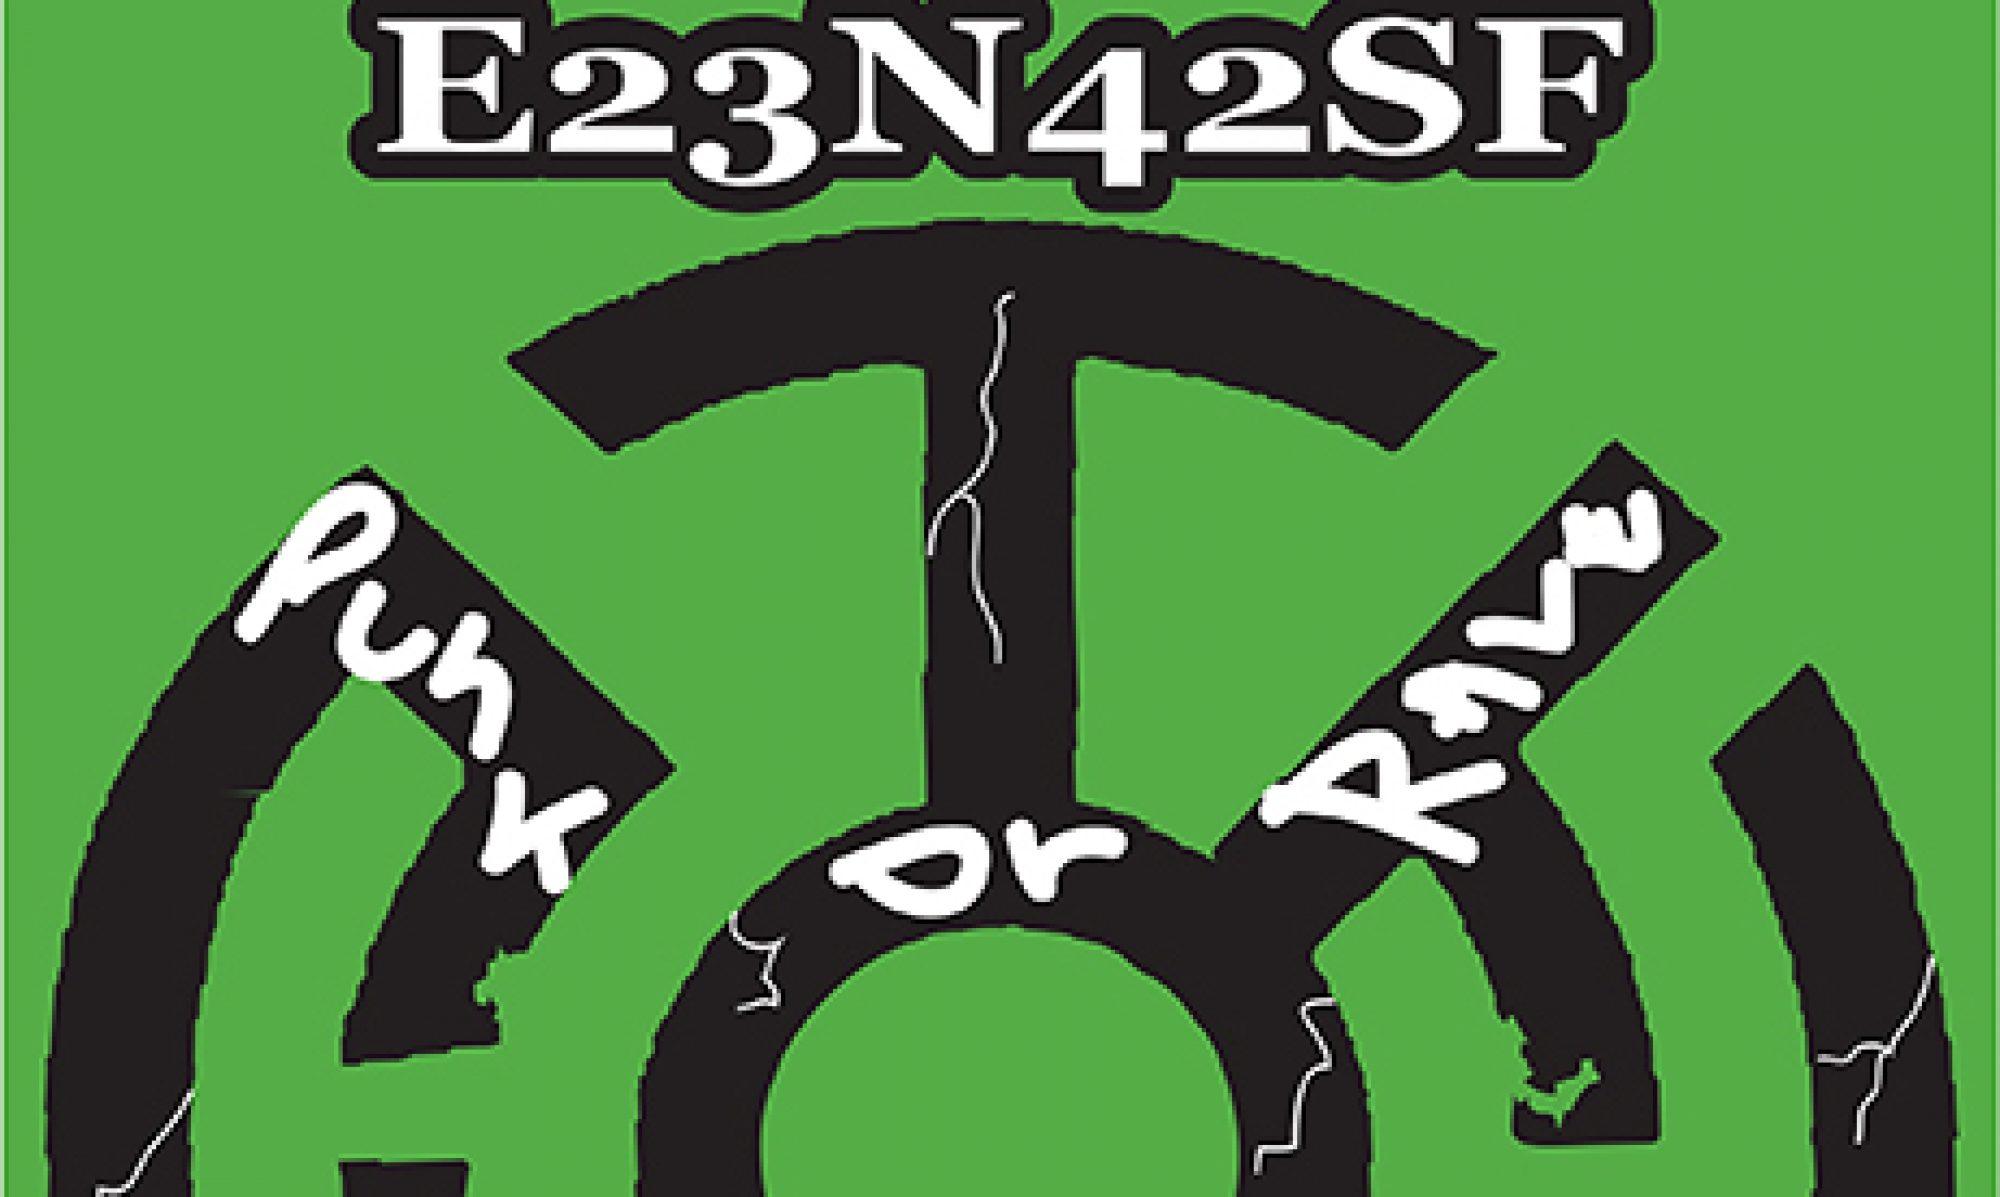 E23N42SF